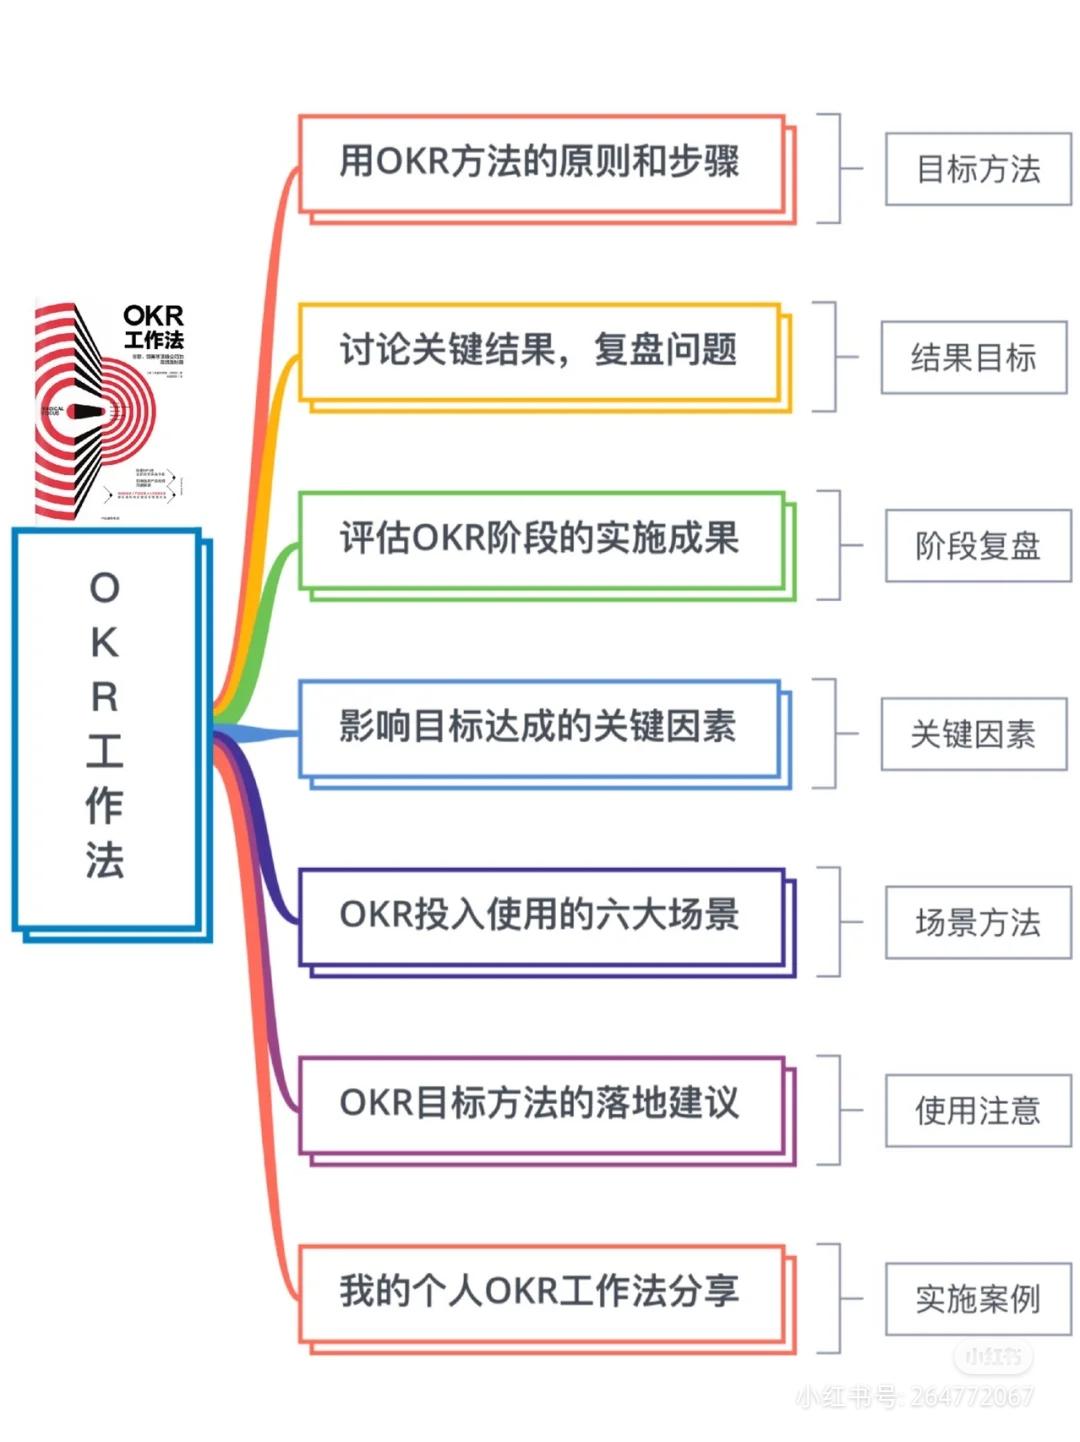 八张图带你认识OKR